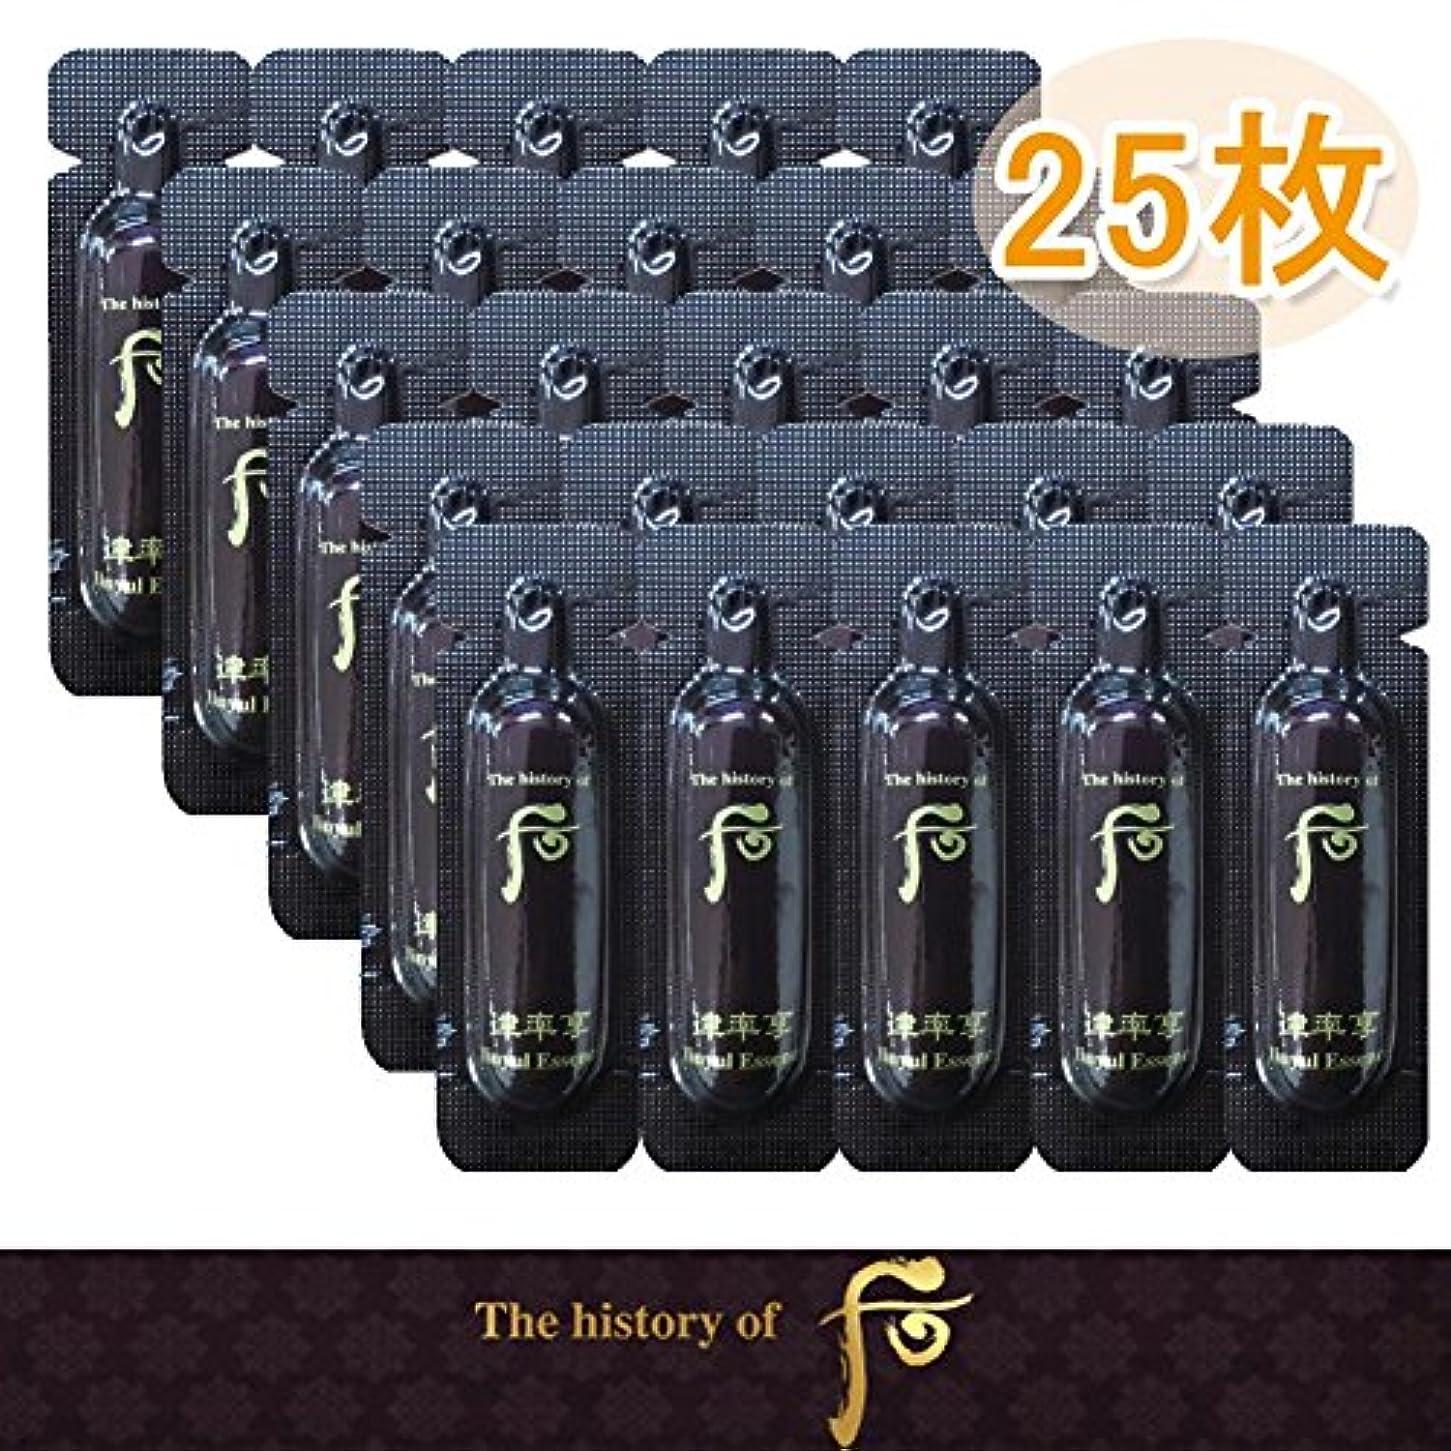 グリルピクニックをする焼く【韓国コスメ オフィThe history of 后 [ドフー]Whoo Jinyul Essence ジンユルエッセンス サンプル 1ml x25枚 25ml+ Sample Gift [海外直送品]